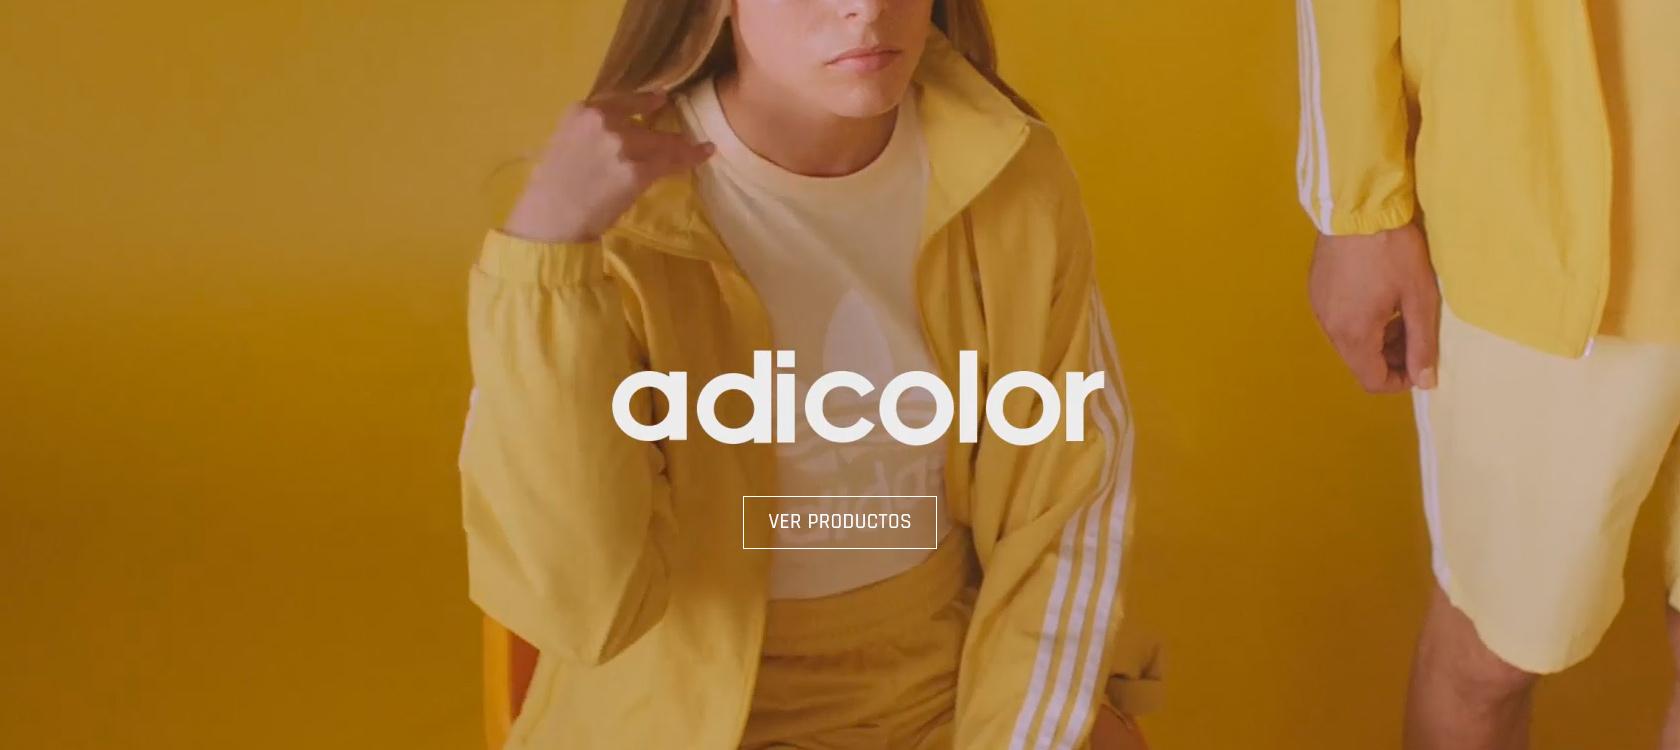 Adicolor, Adidas